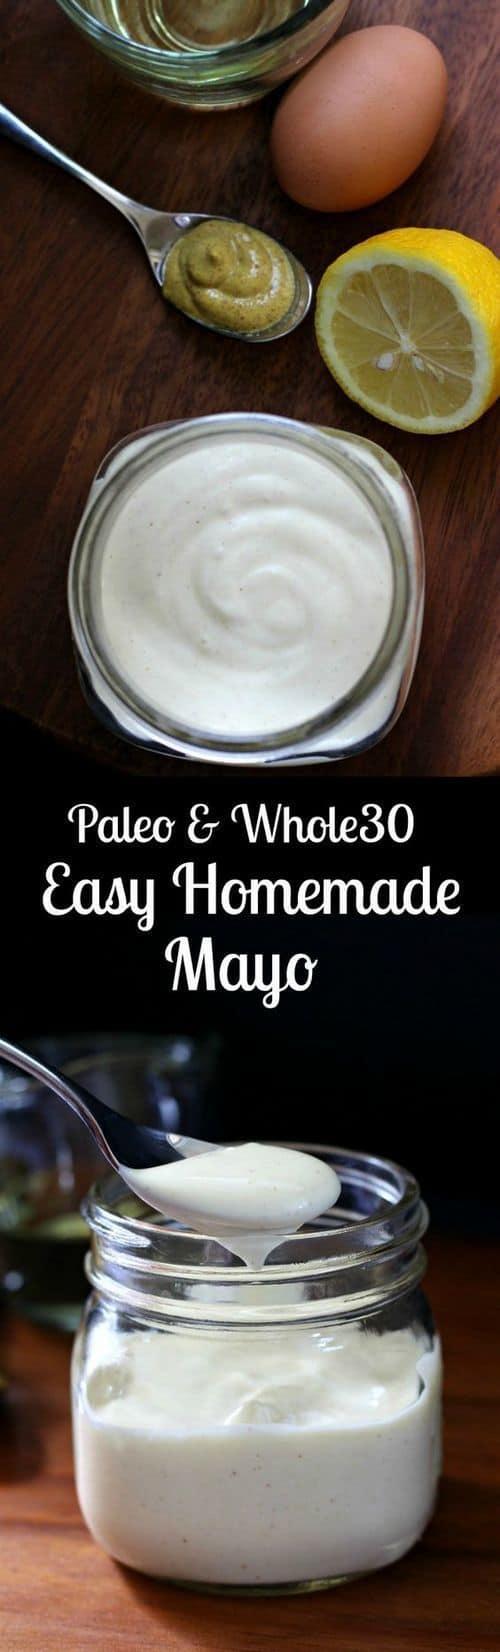 whole30-paleo-easy-homemade-mayo-recipe